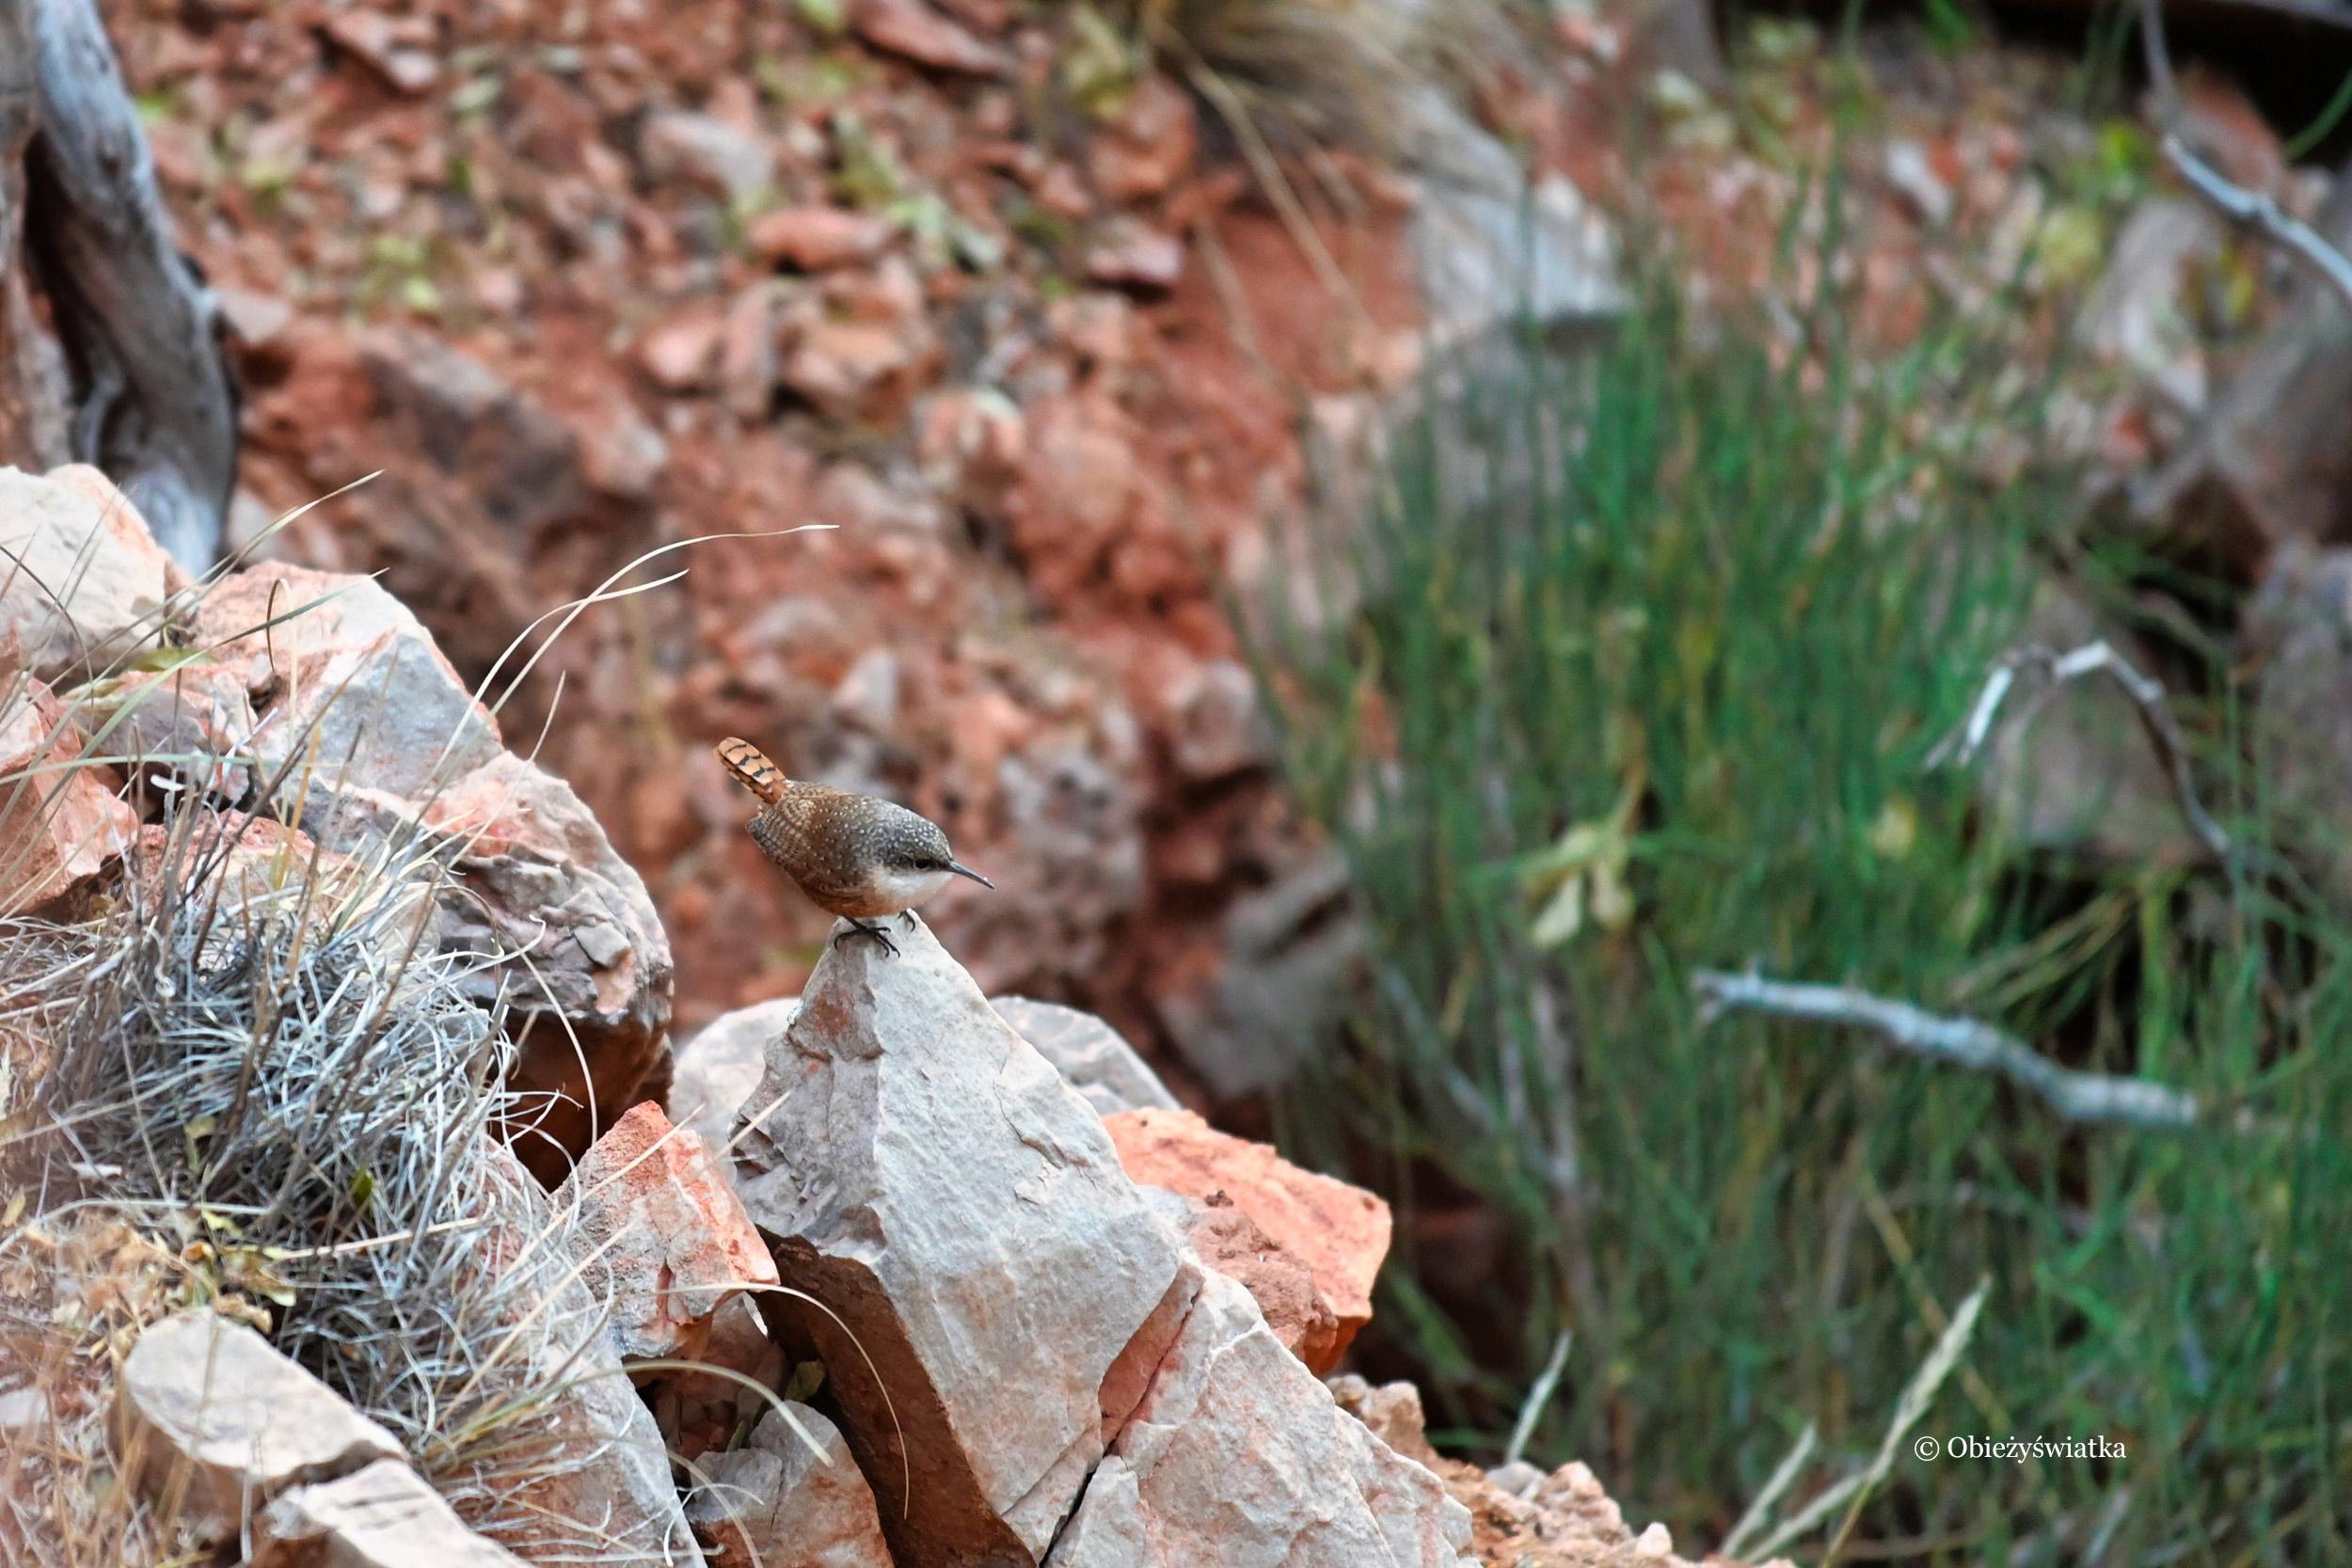 Skalik ostrodzioby w Wielkim Kanionie - Canyon Wren in The Grand Canyon, Arizona